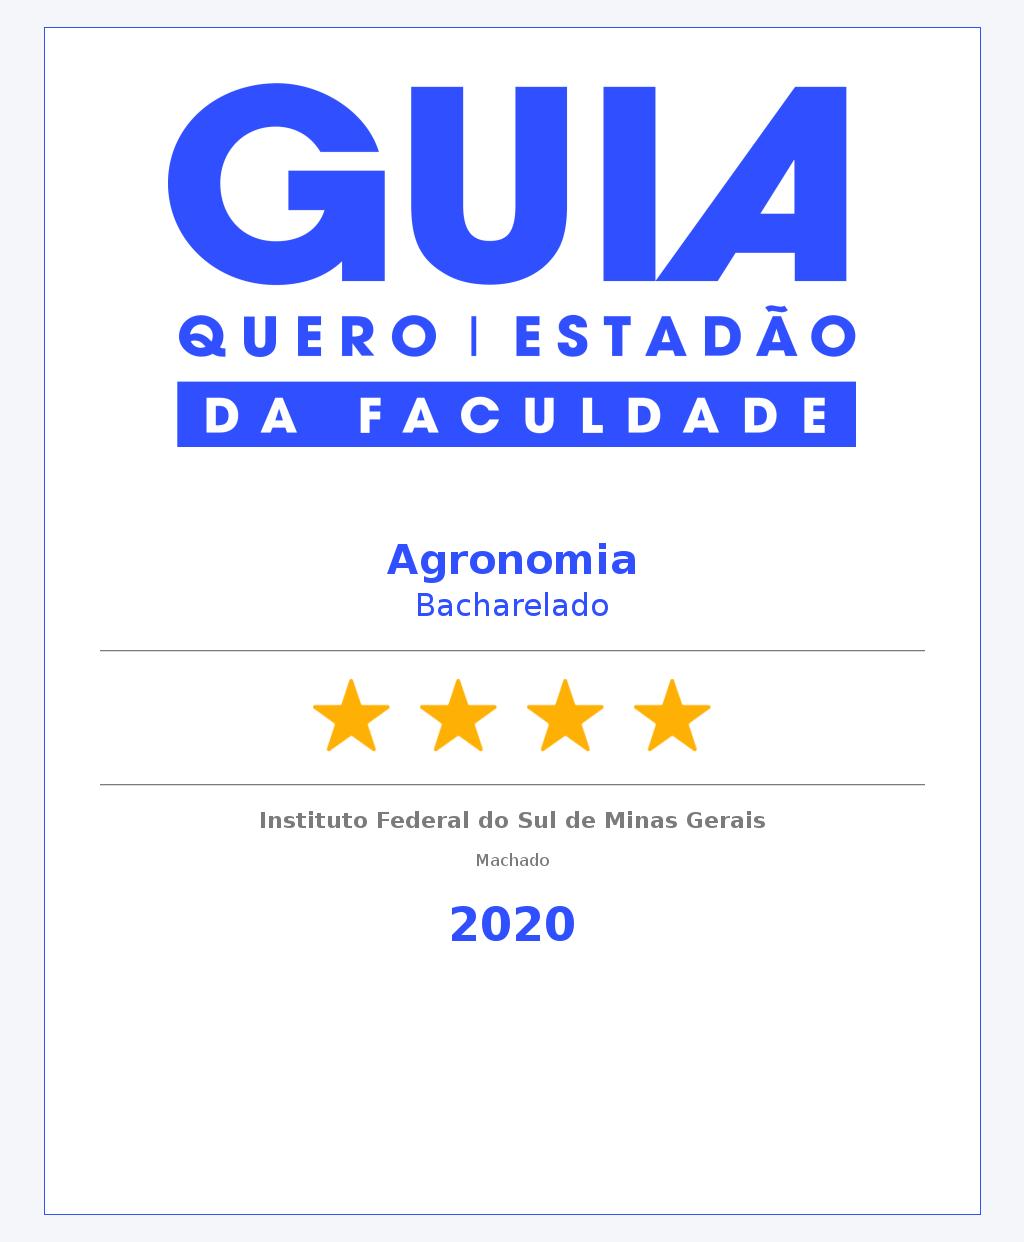 Agronomia Bacharelado Machado 4 Estrelas